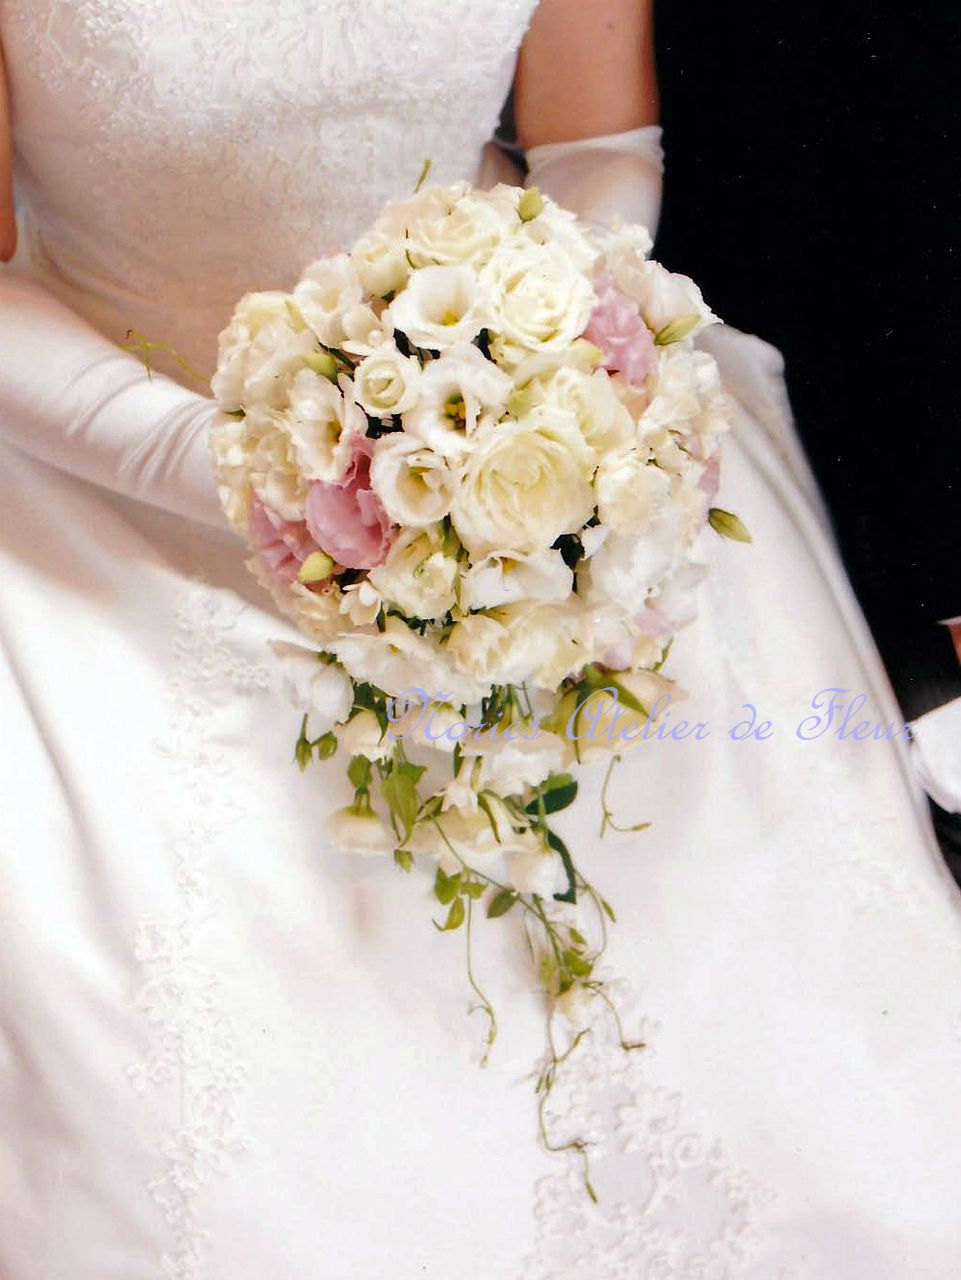 生花のホワイトと淡いピンクのトルコキキョウのキャスケードブーケ